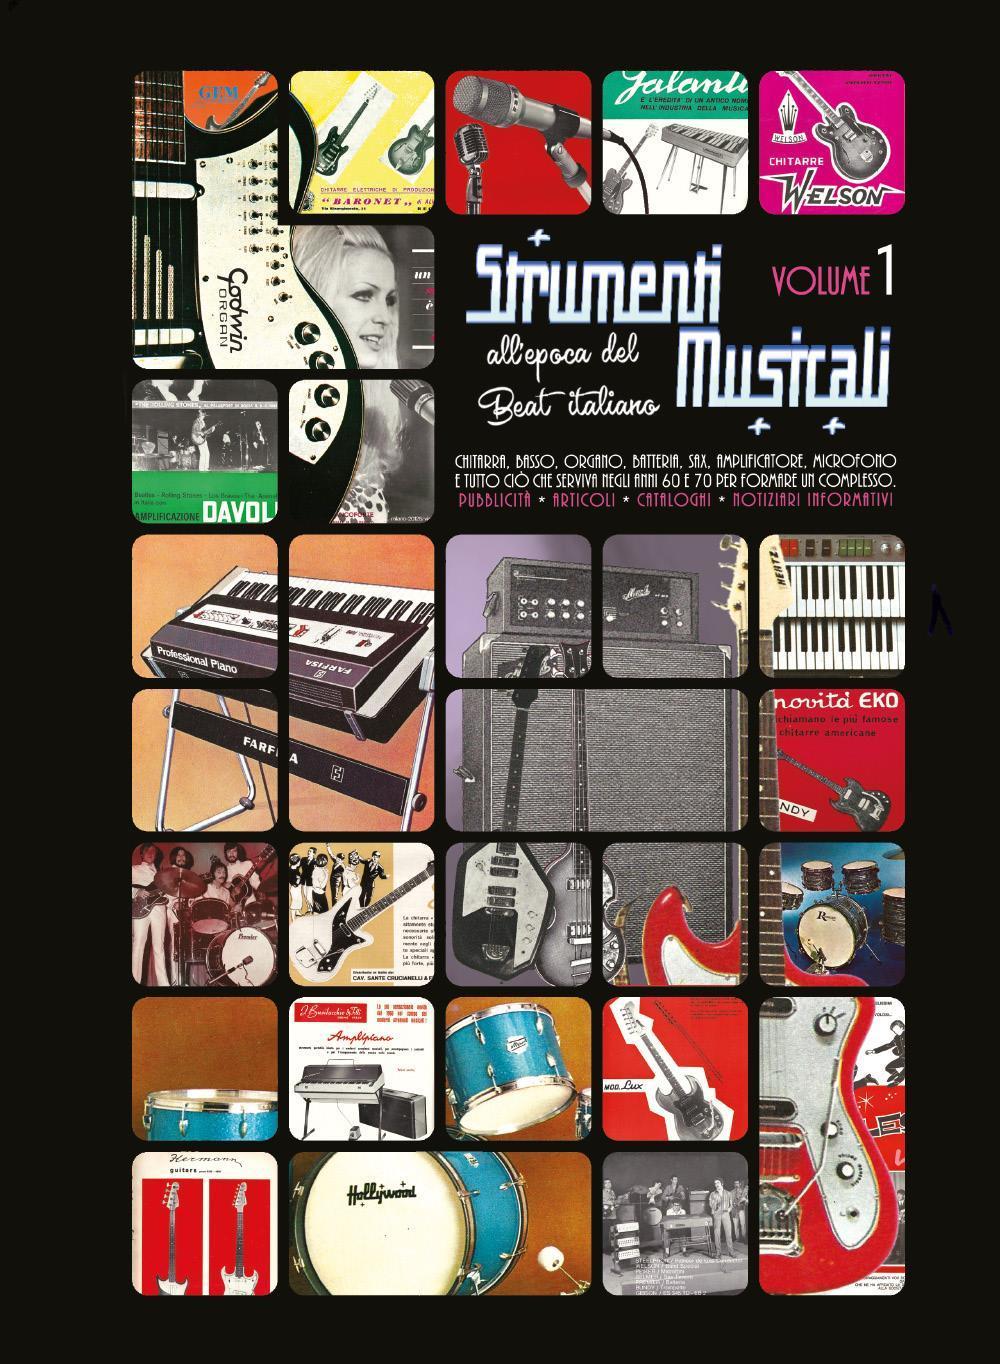 Strumenti musicali all'epoca del Beat italiano [VOL.1] Pubblicità, articoli, cataloghi, notiziari informativi. Chitarra, basso, organo, batteria, sax